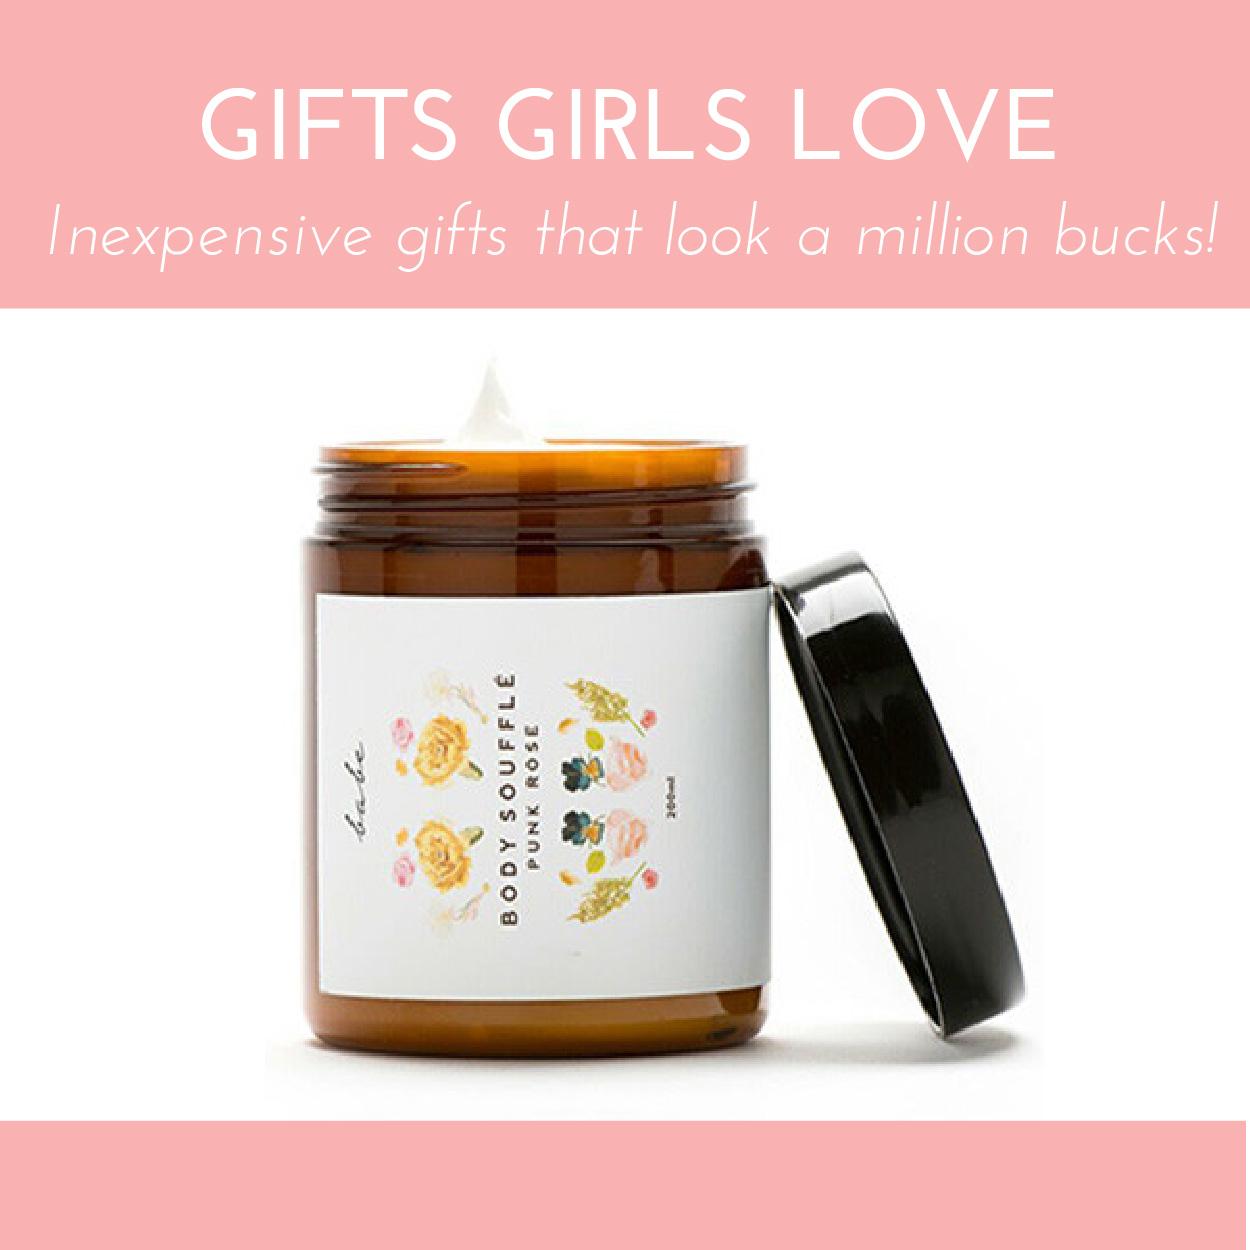 gifts-girls-love-01.jpg